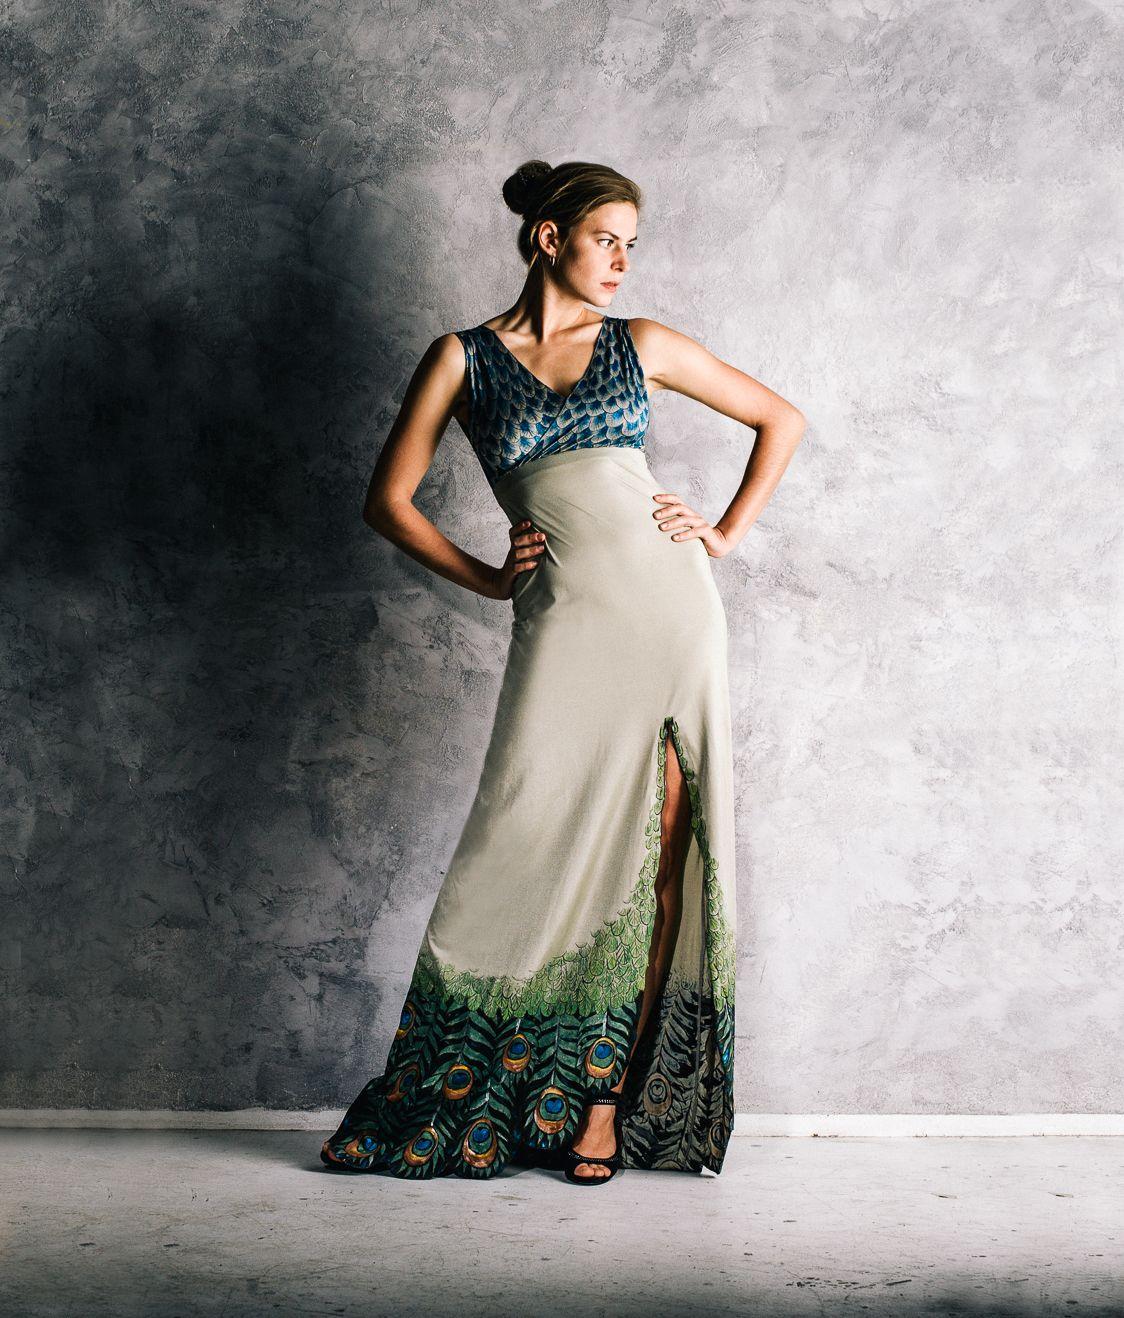 Ručně zdobené společenské šaty s pavím motivem Originální a naprosto  jedinečné společenské šaty. Jednoduchý střih d94e2f63ed